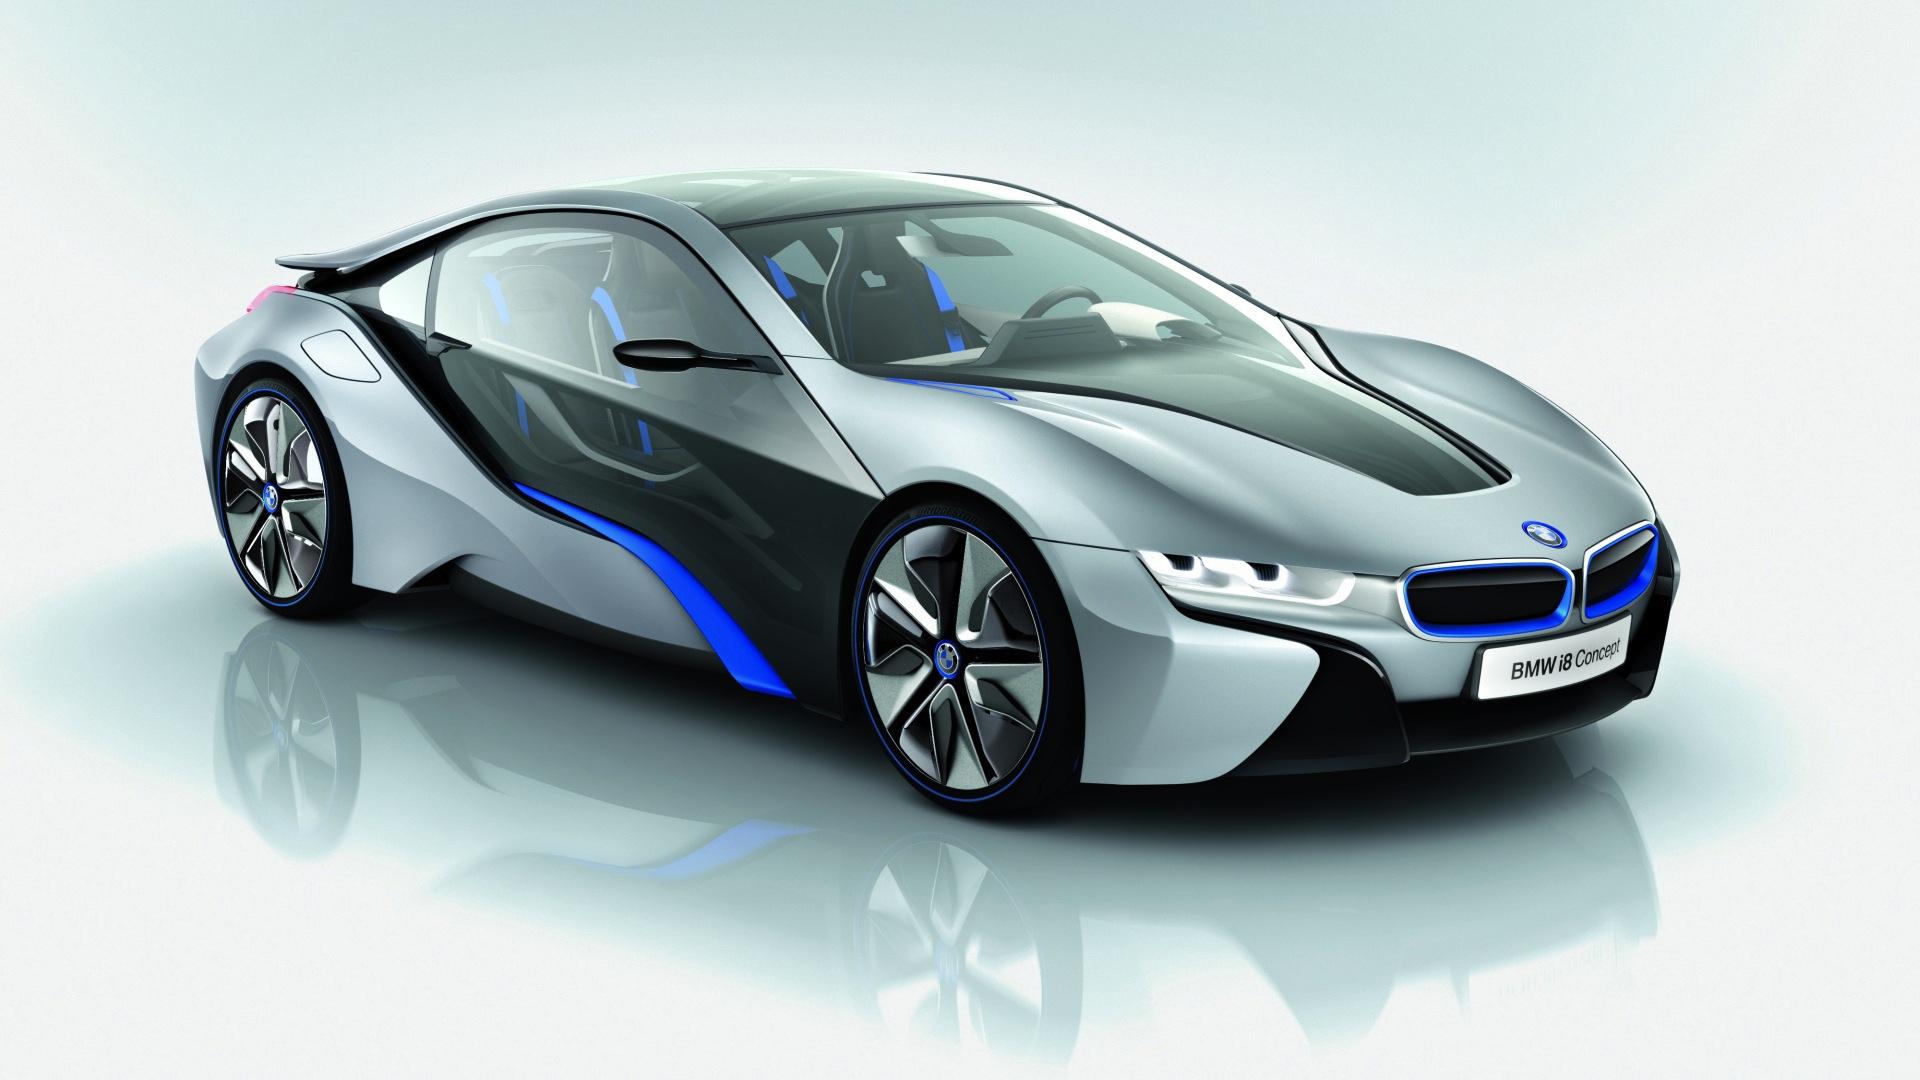 Bmw I8 Mpg >> World Debut: BMW i8 Concept 0-60 Under 5 Seconds/78MPG